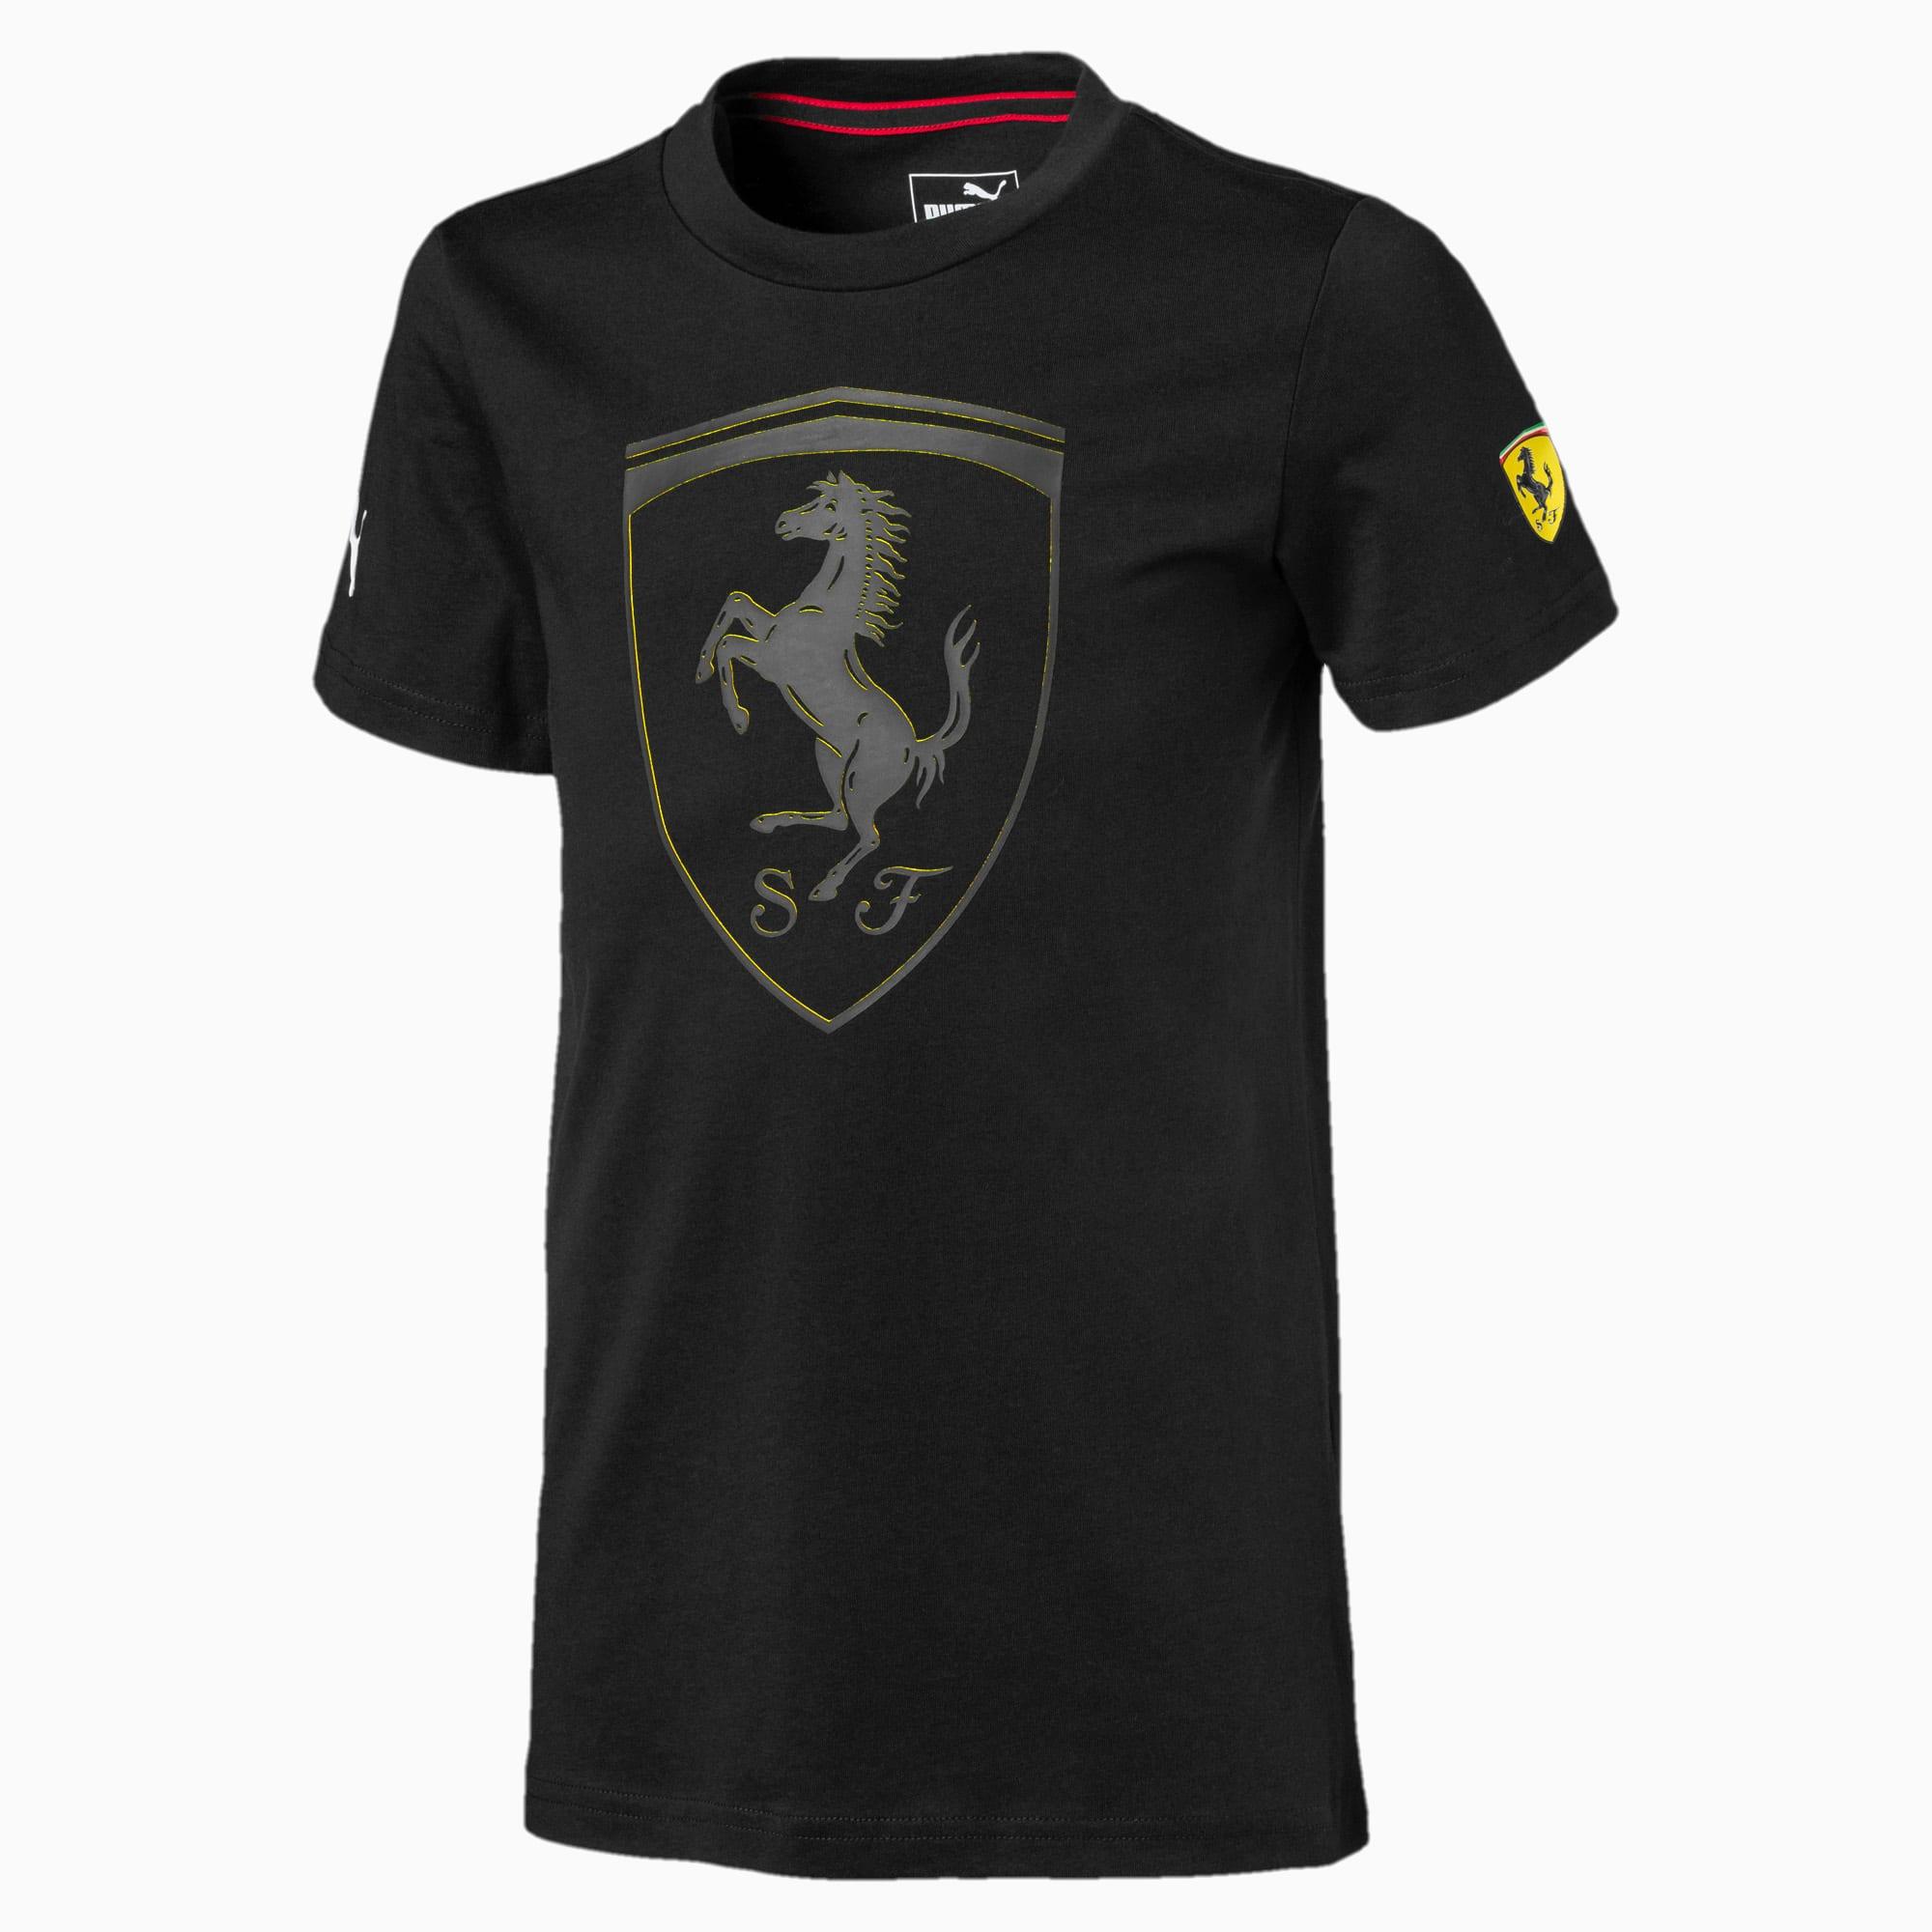 lexicon the purpose mainly  T-shirt con stemma grande Ferrari bambino   PUMA Scuderia Ferrari   PUMA  Italia